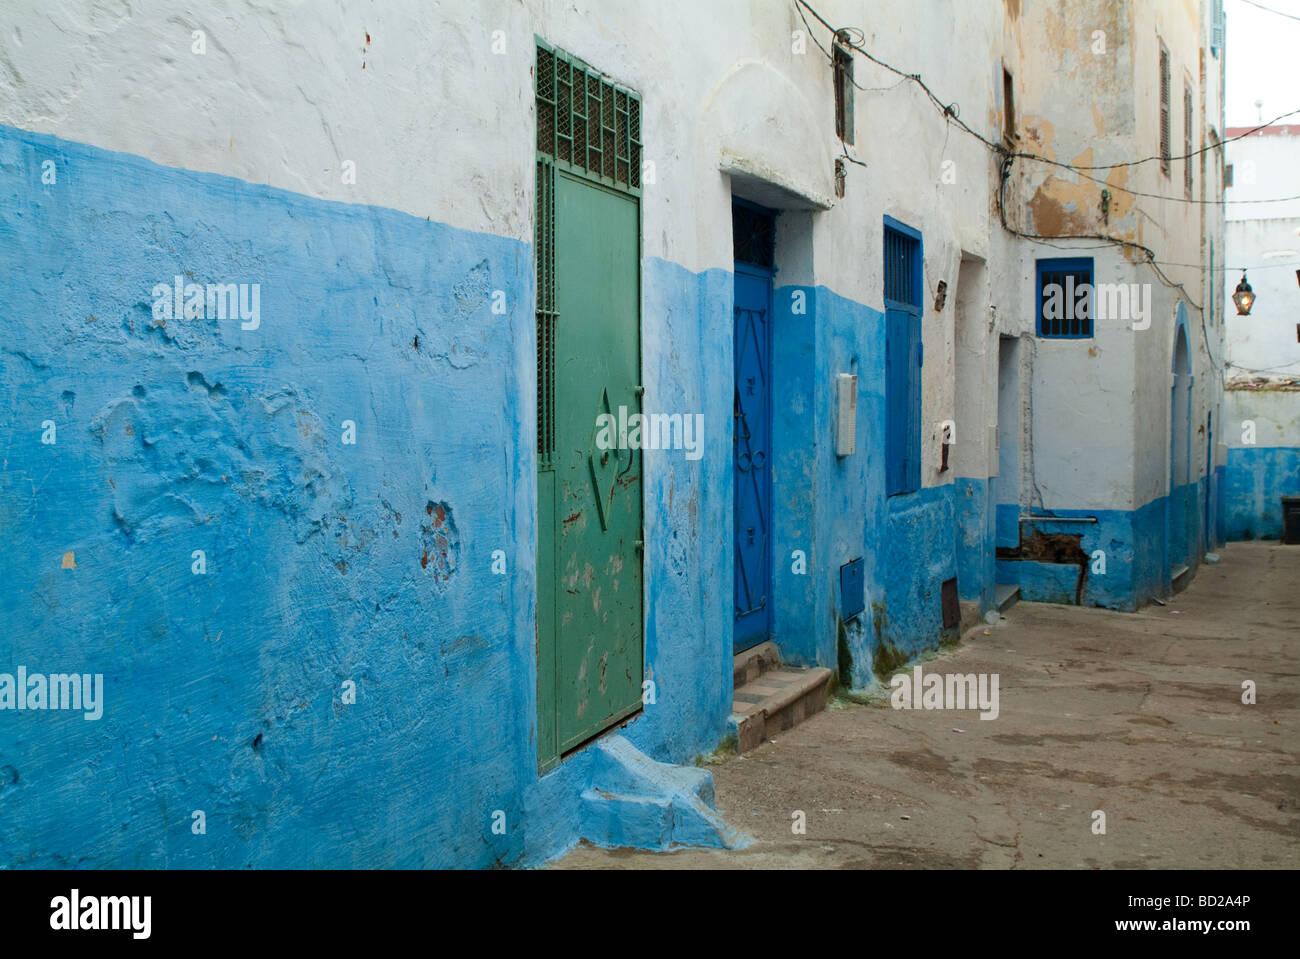 Casa Con Paredes Pintadas De Azul Y Verde Y Azul Puertas Larache - Paredes-pintadas-de-azul